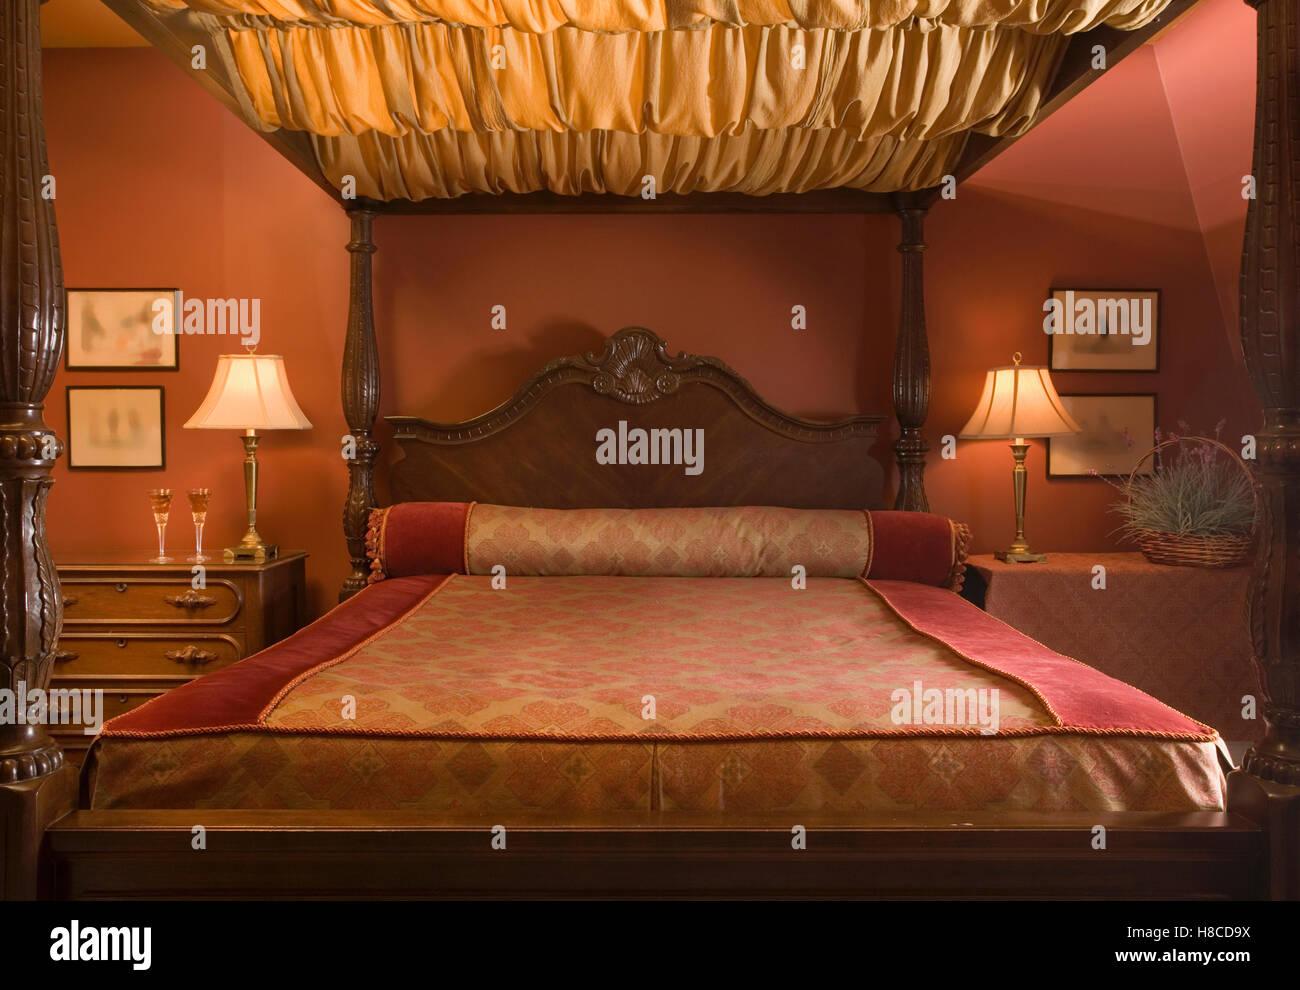 Himmelbett Mit Baldachin Stoff Im Roten Schlafzimmer Stockfoto, Bild .